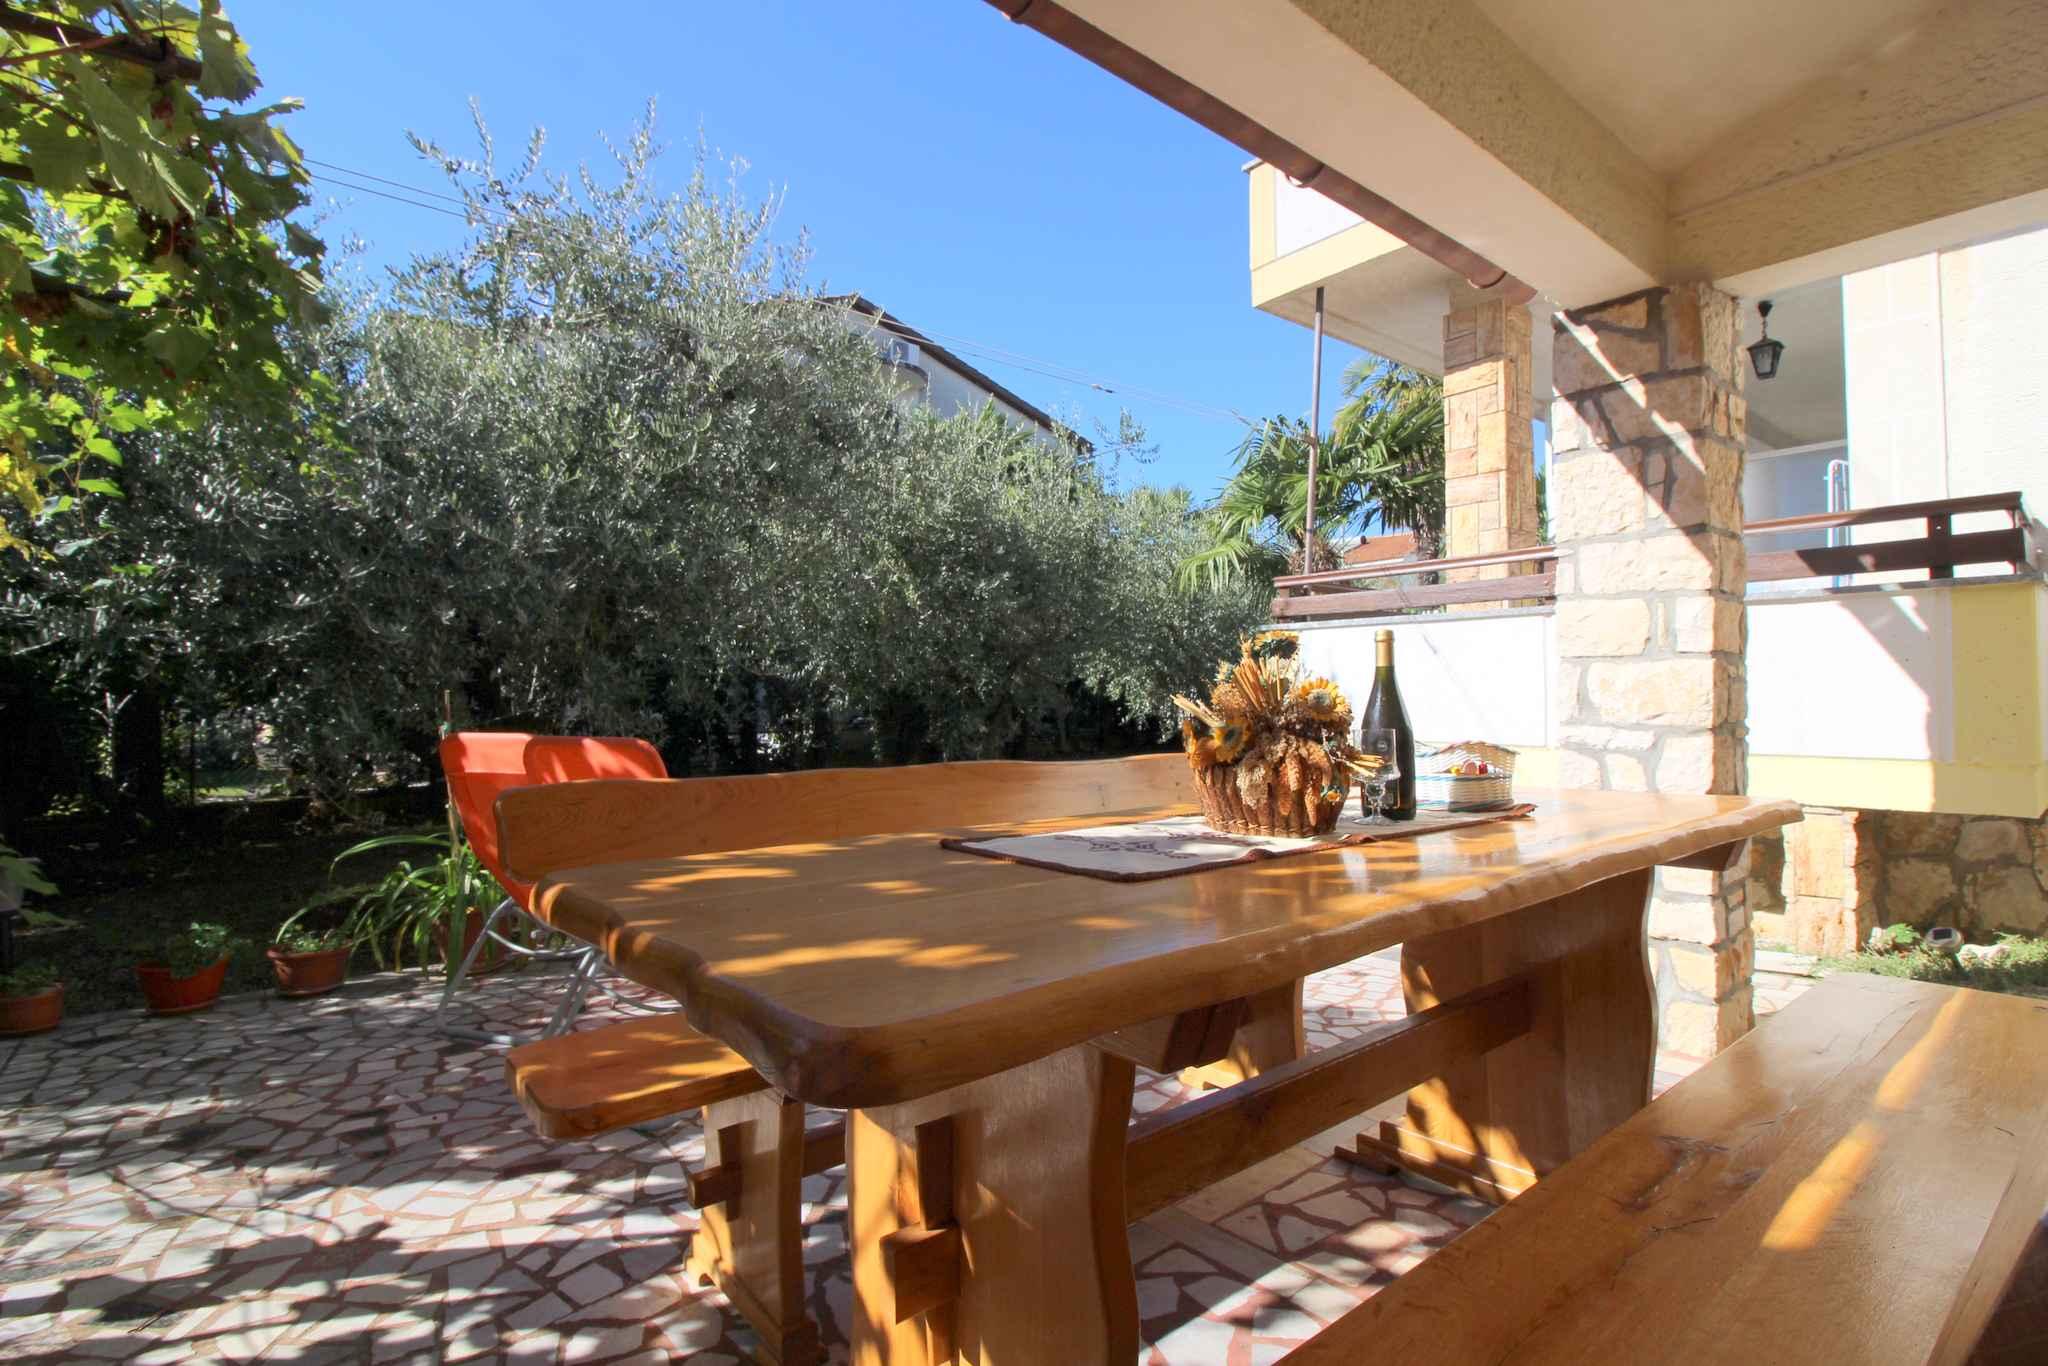 Ferienwohnung mit schönem Garten und Grill (280313), Porec, , Istrien, Kroatien, Bild 5